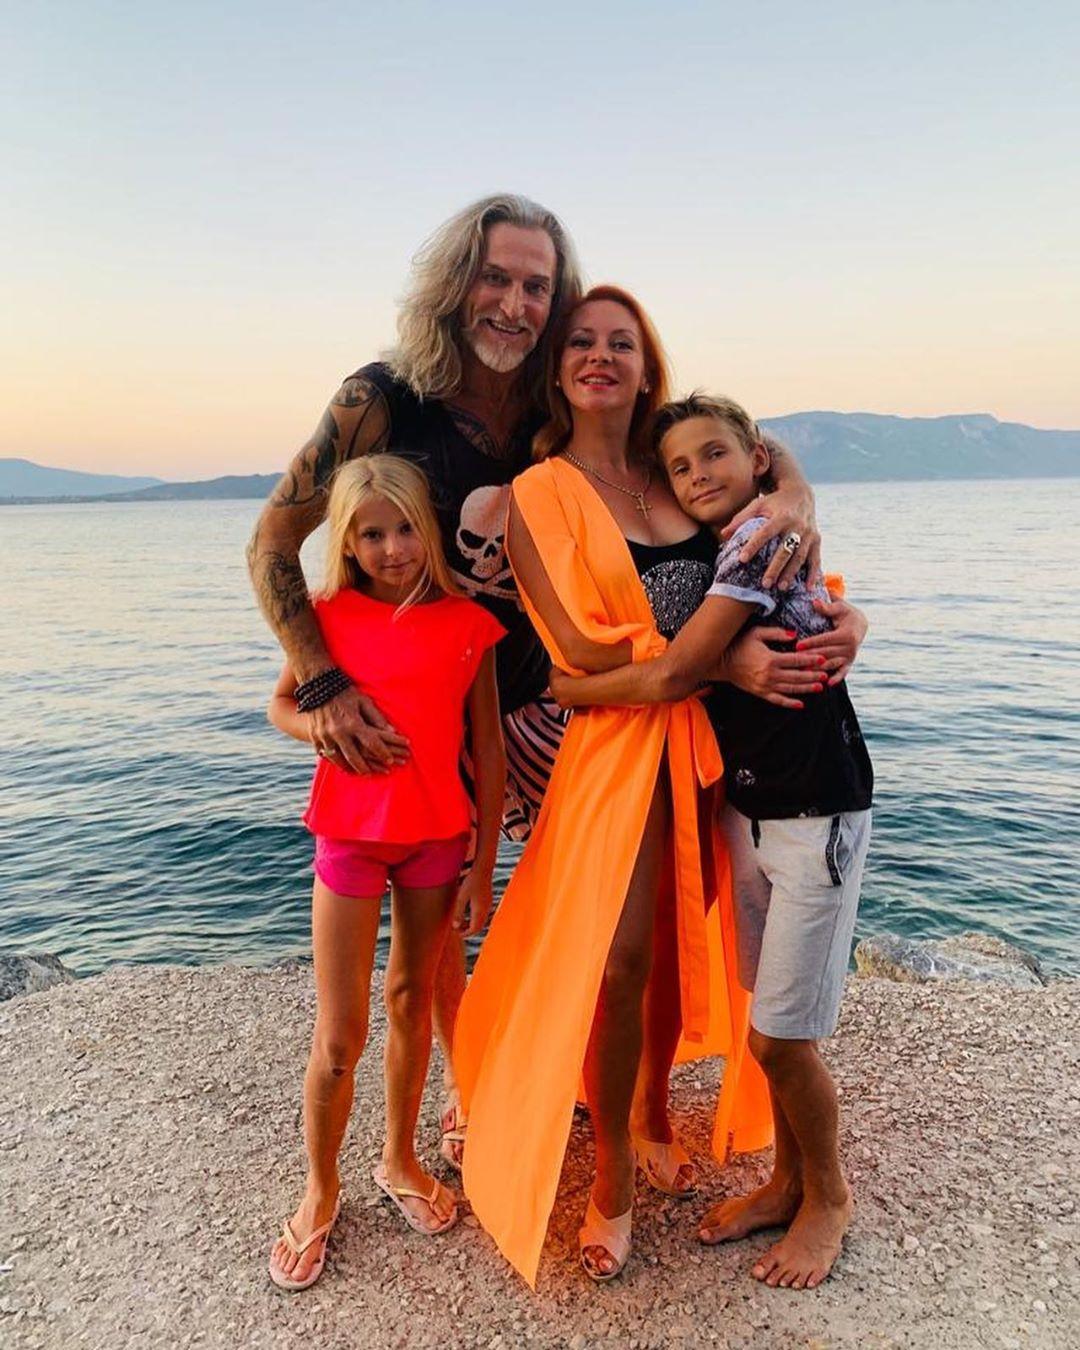 Вылитый папа! Марина Анисина поделилась фото мужа с повзрослевшим сыном